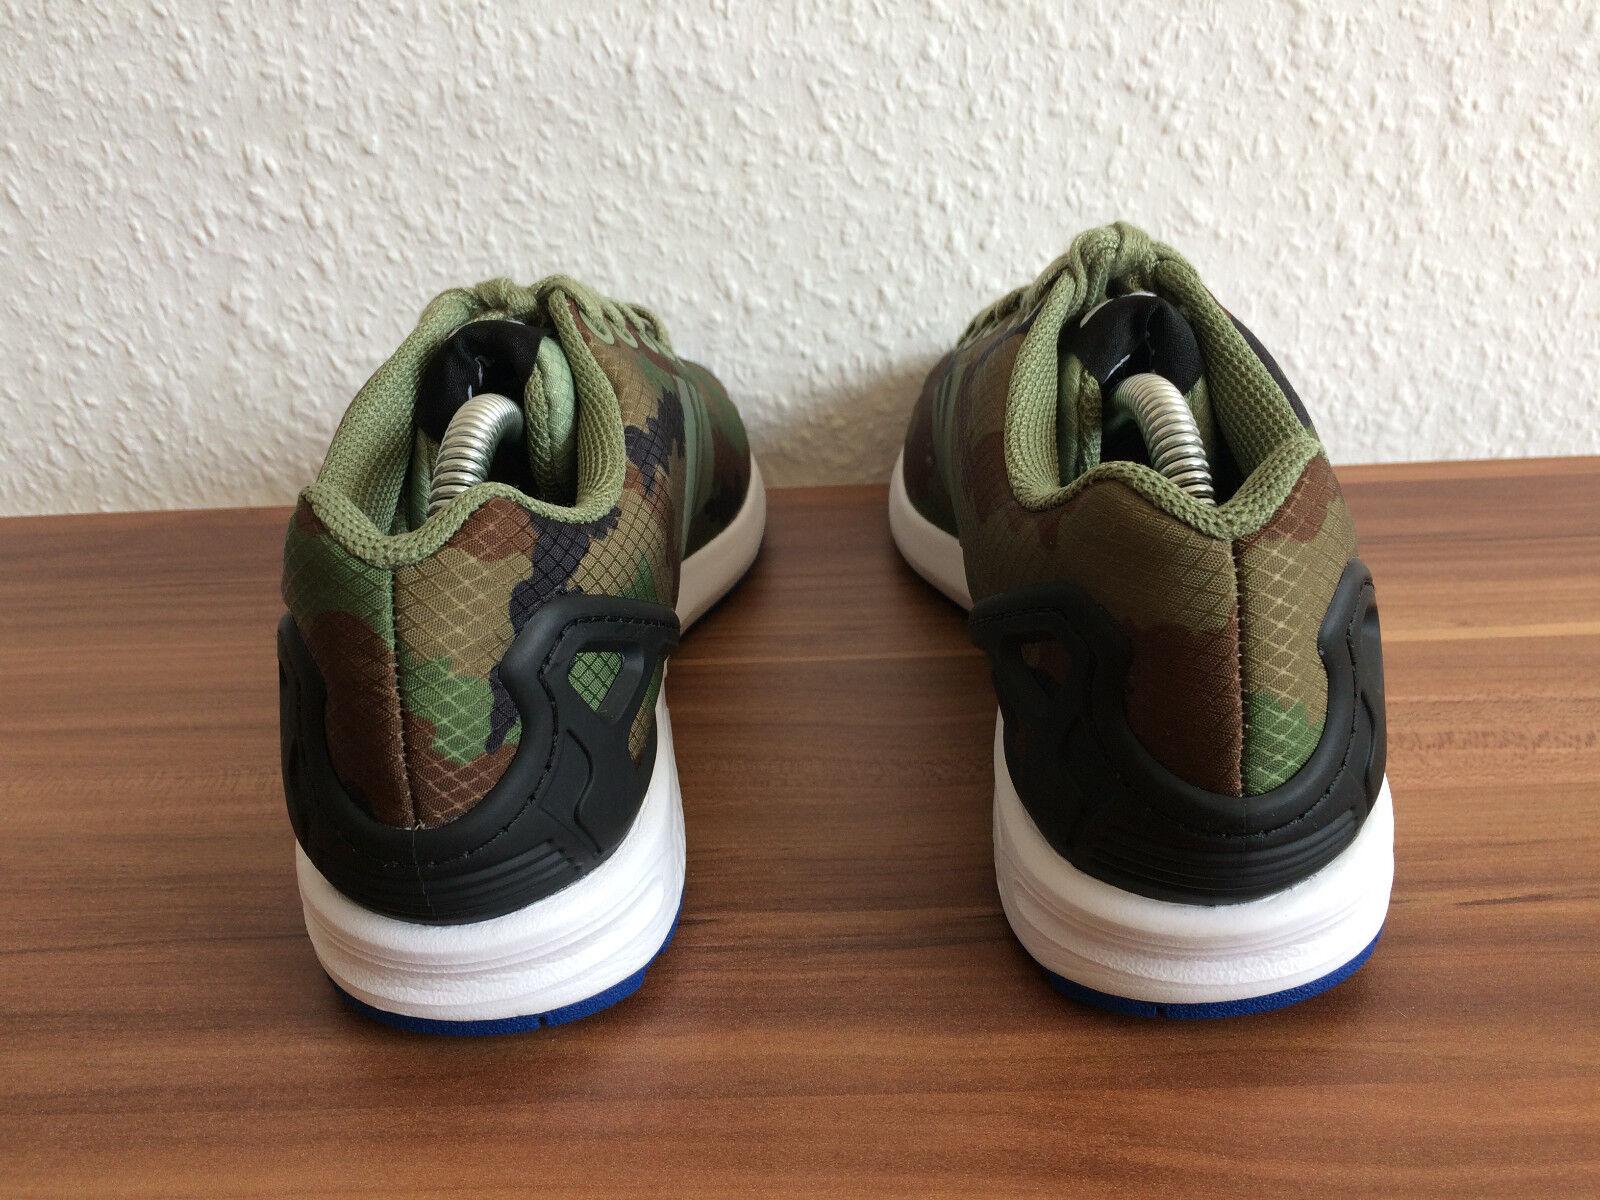 Super Adidas Originals ZX Flux Gr. Sneaker Schuhe Sportschuhe OVP Gr. Flux 38 / UK 5 Top 6fea70